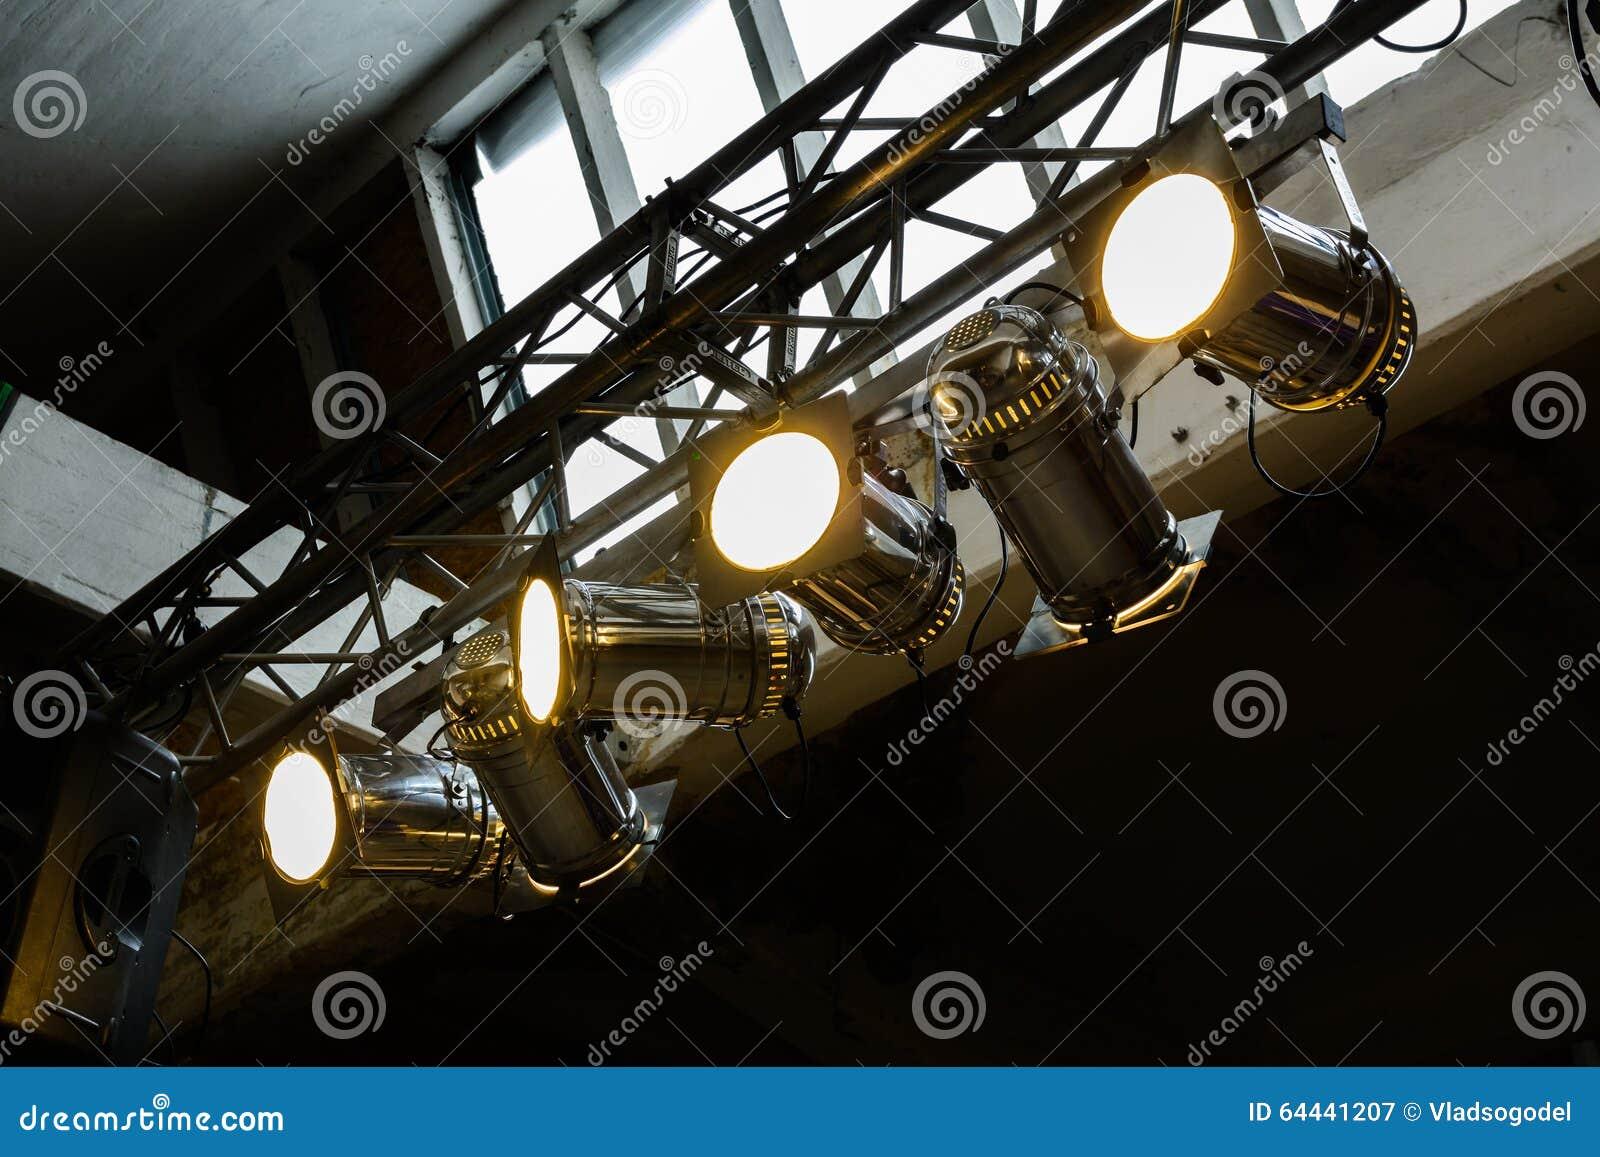 Heldere schijnwerpers in bijlage aan een staalkader Horizontale mening van